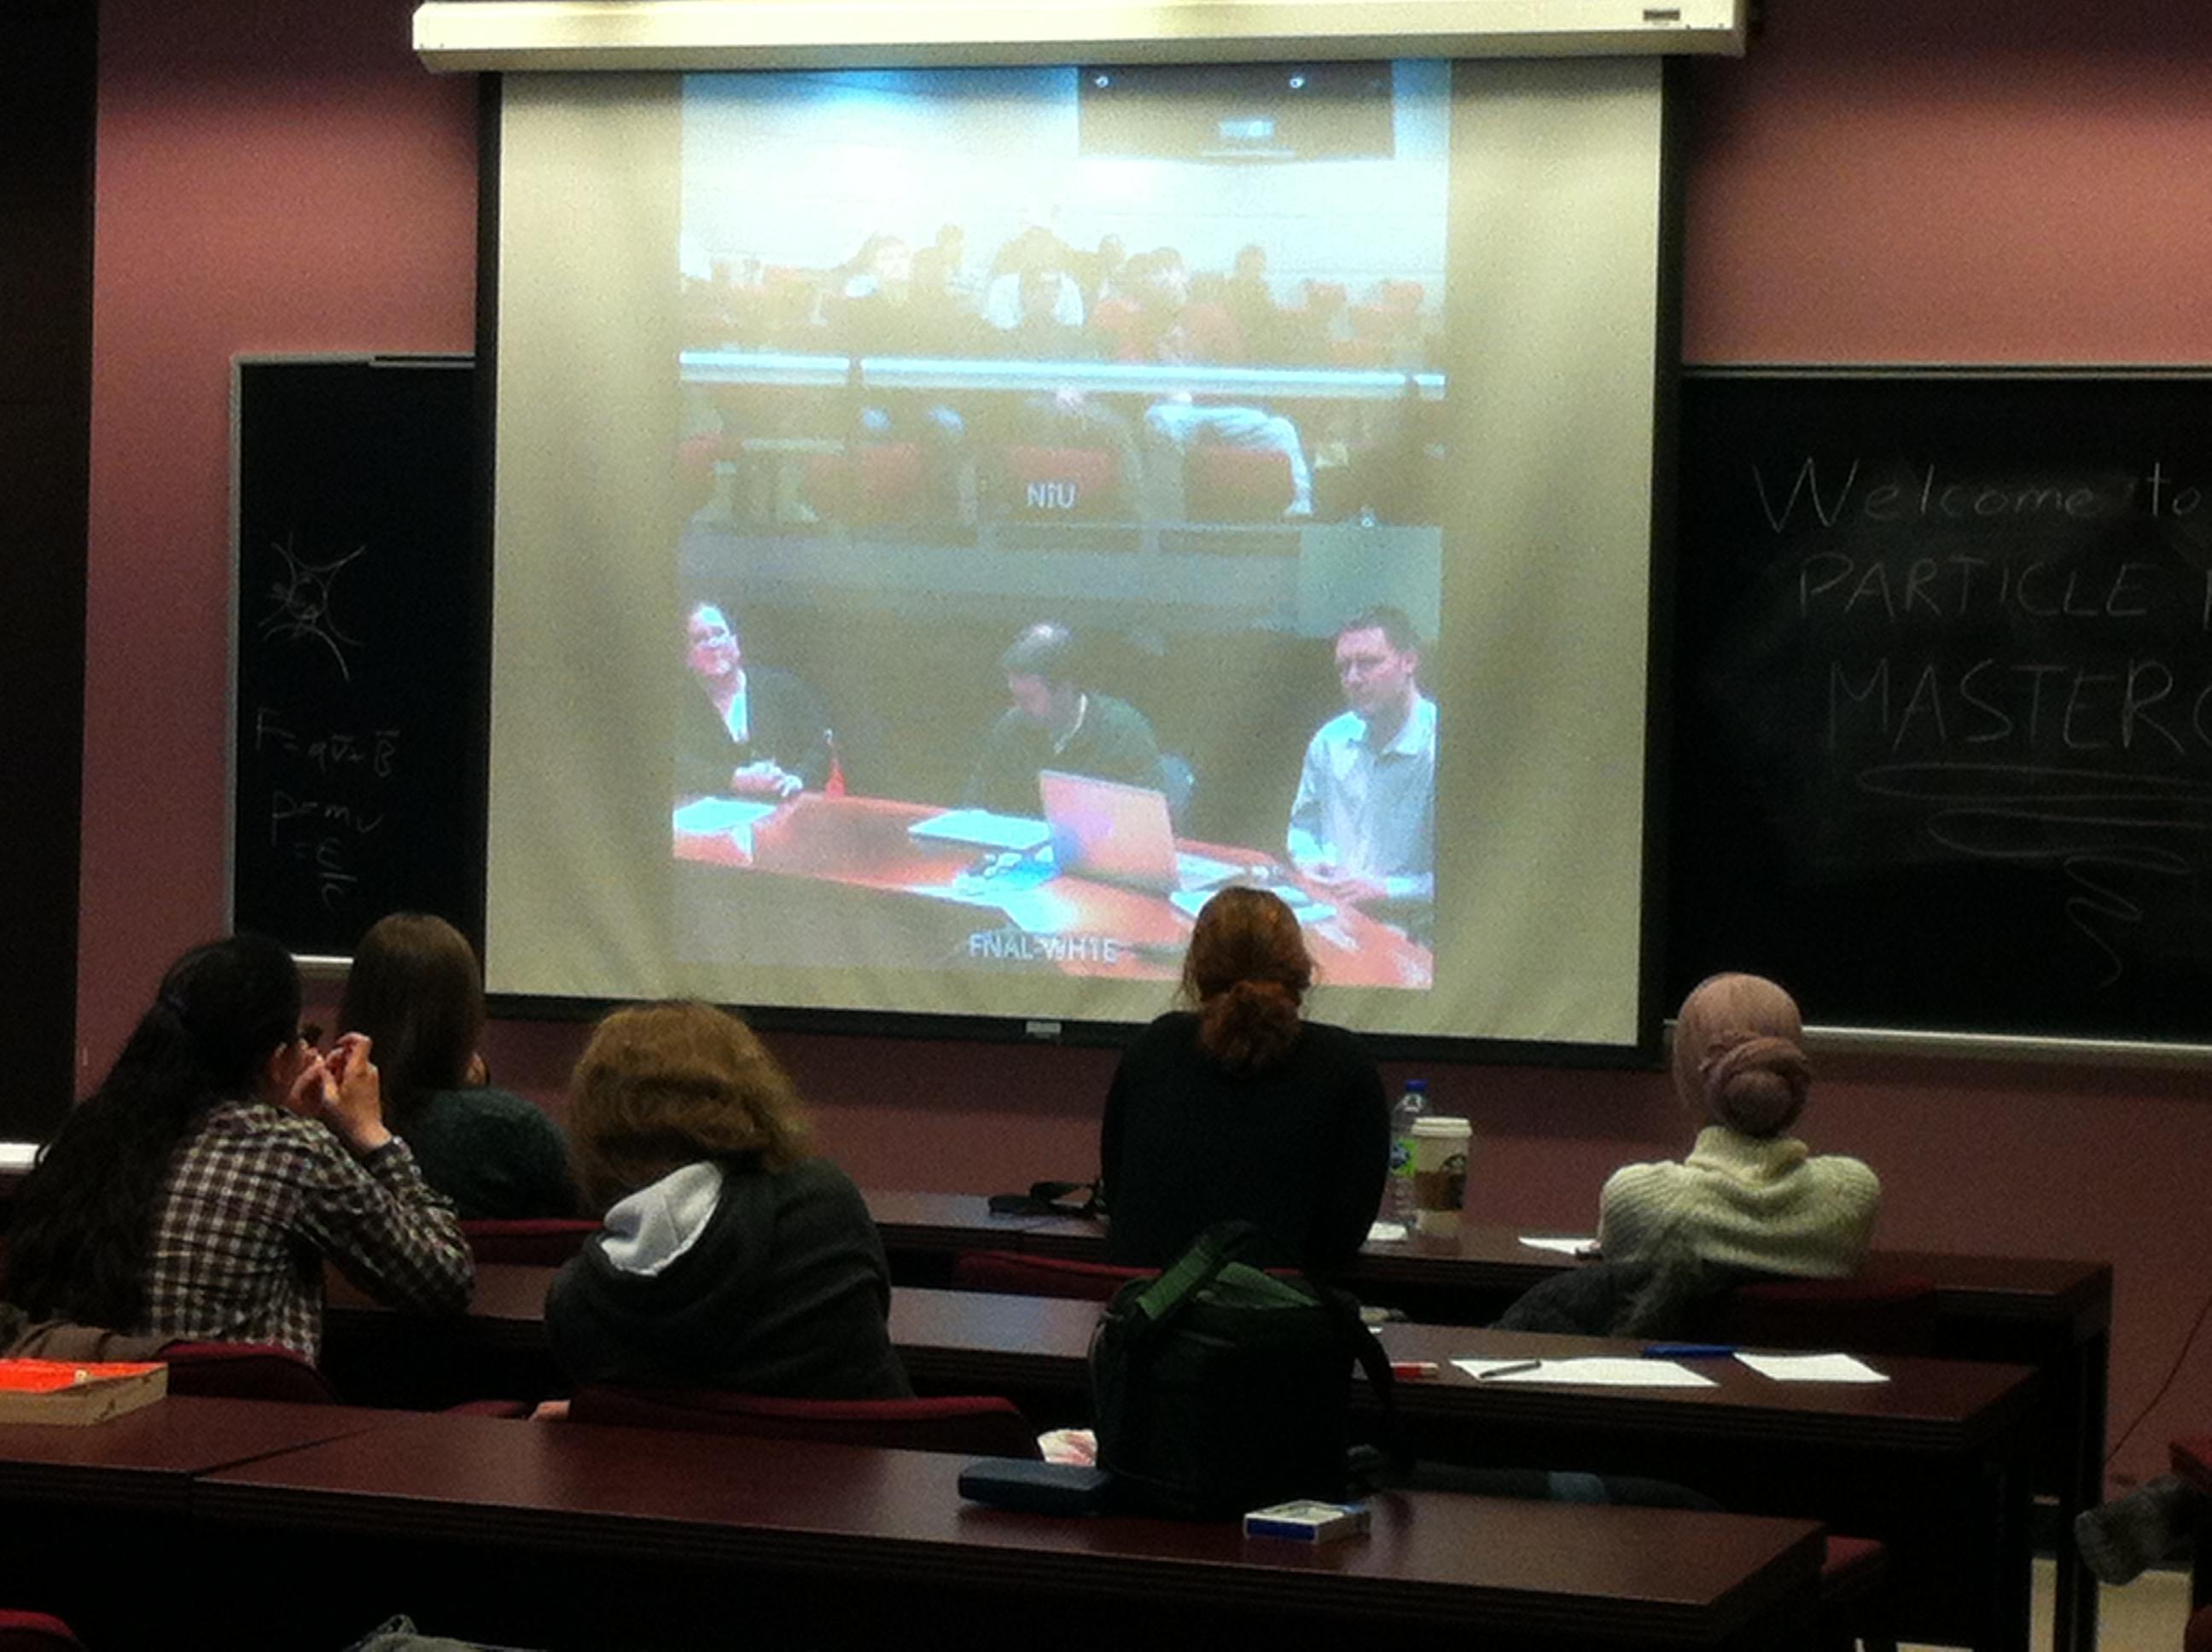 Le CIM participe à une masterclass de physique à McGill